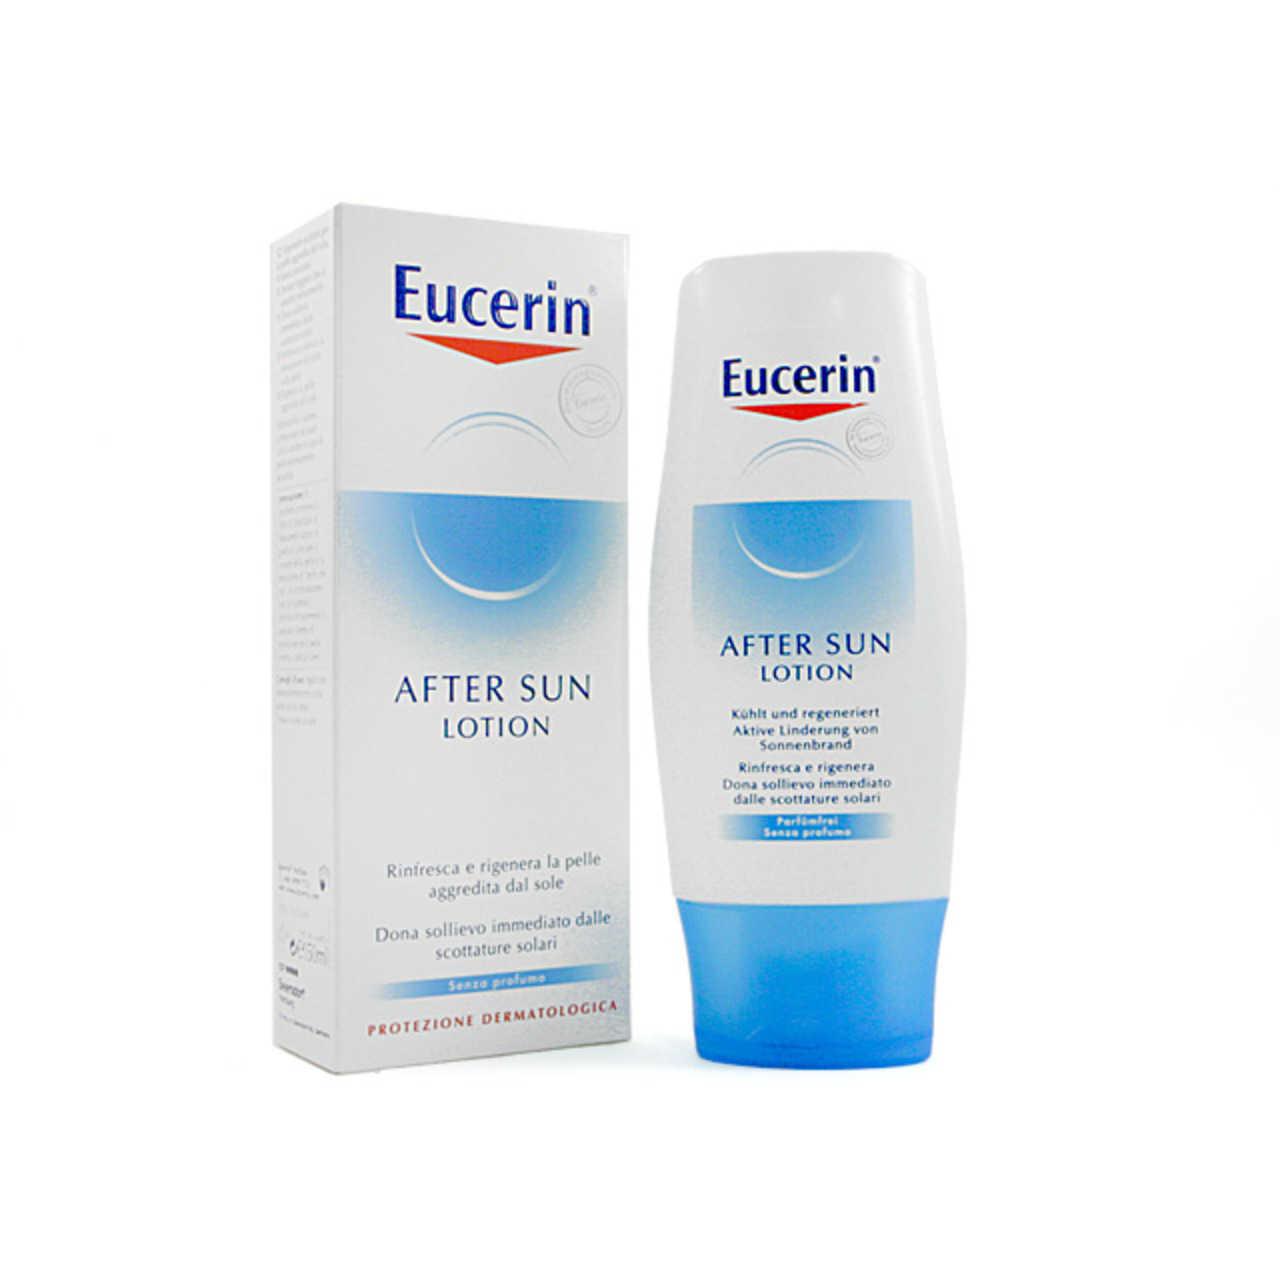 Eucerin - After Sun - Lotion